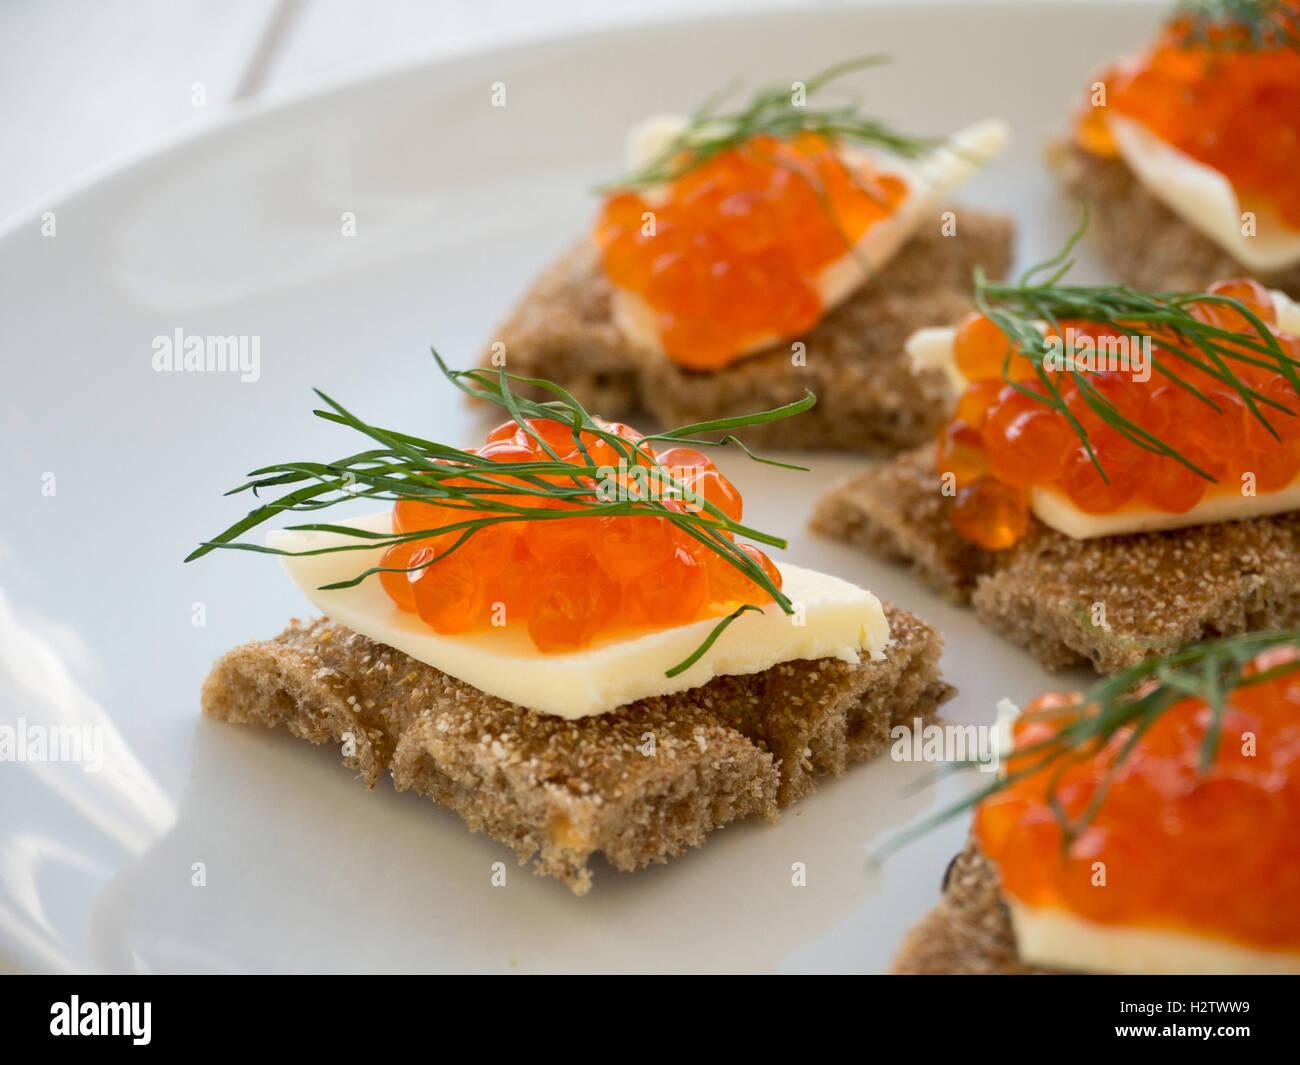 Canapés con caviar rojo y mantequilla closeup Imagen De Stock